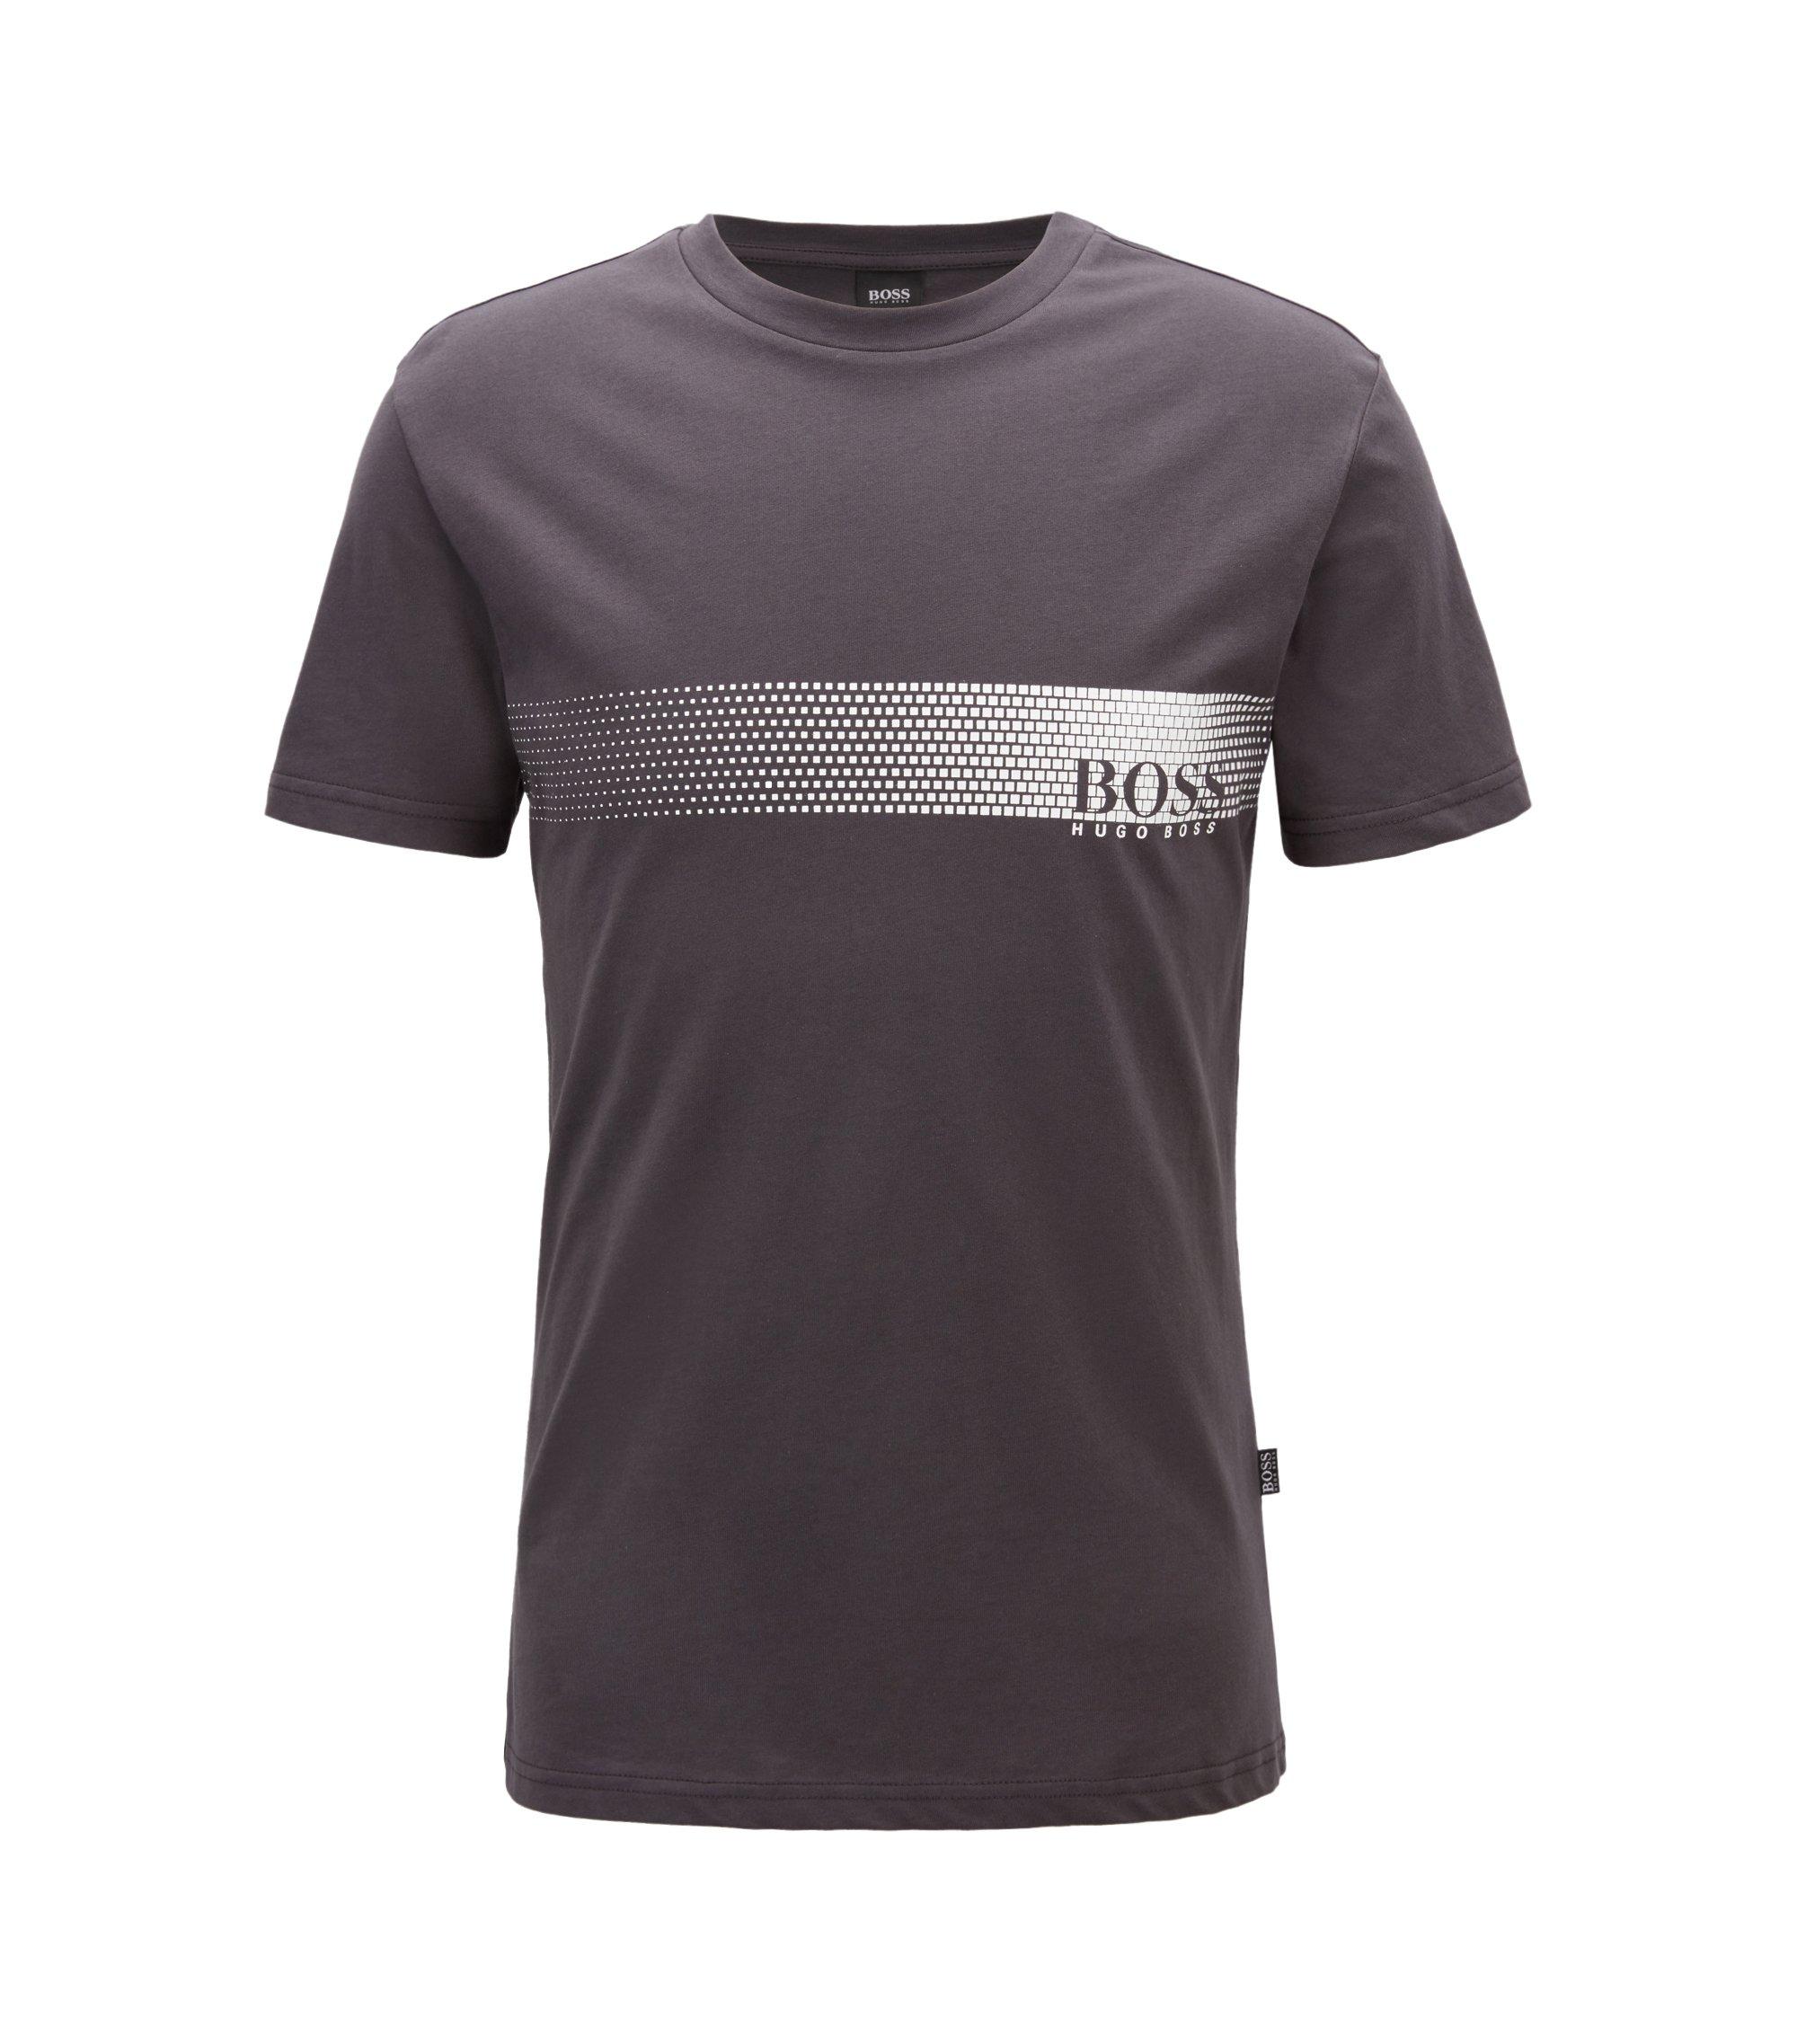 T-shirt anti-UV in cotone con logo, Grigio antracite